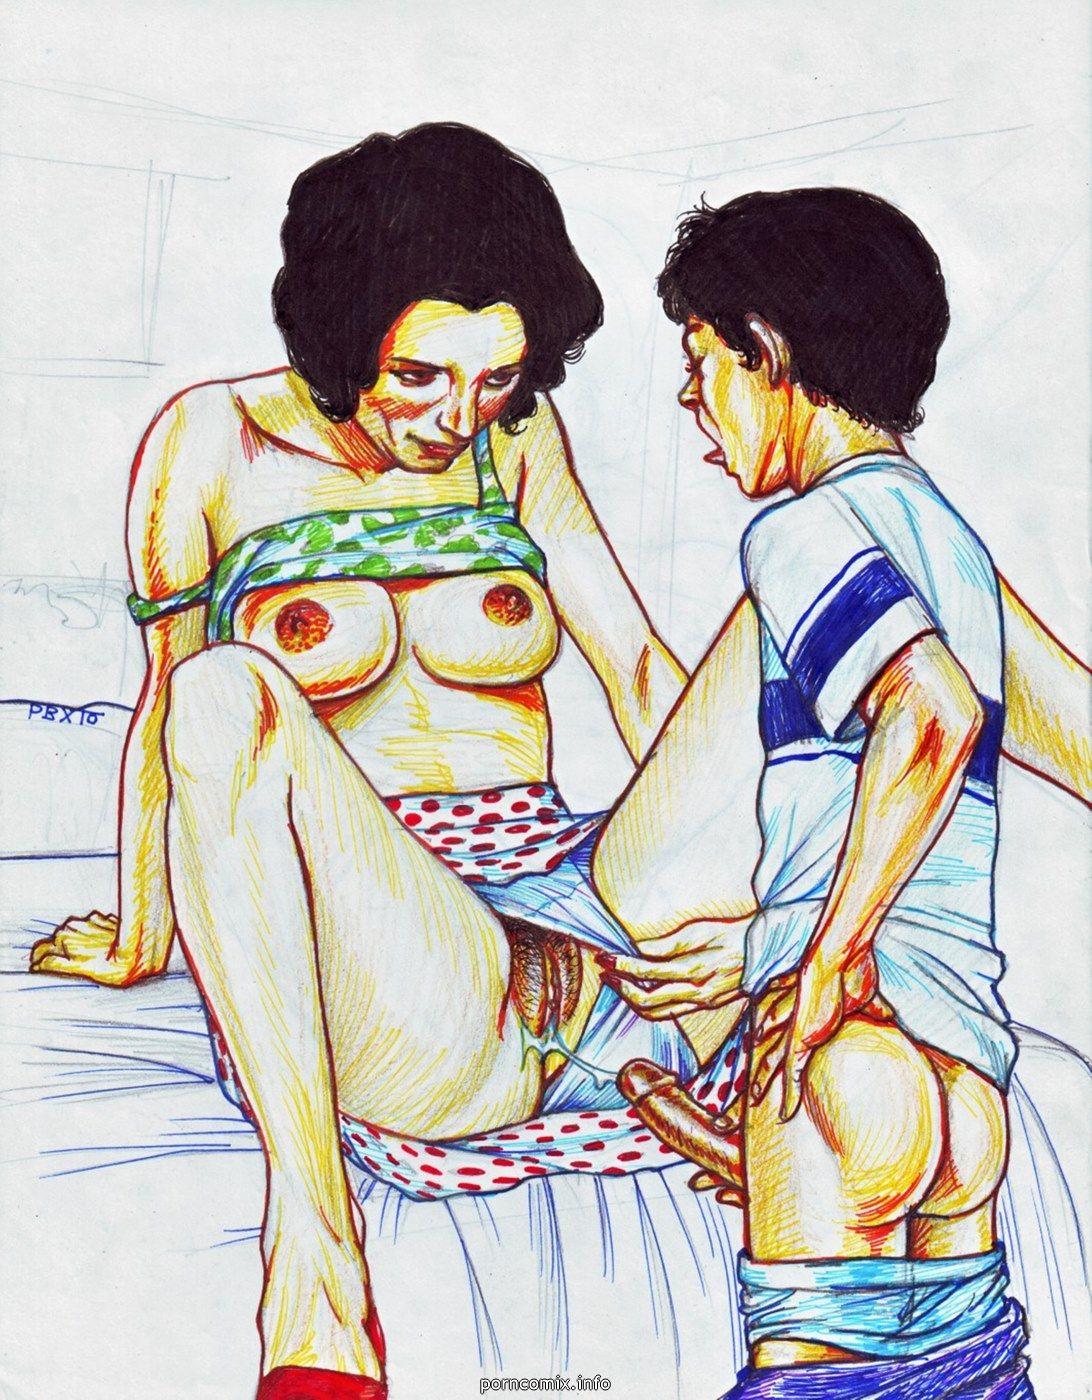 Pagina Porno De Incesto pbx mamá hijo incesto fotos - parte 2 en gratis comix porno